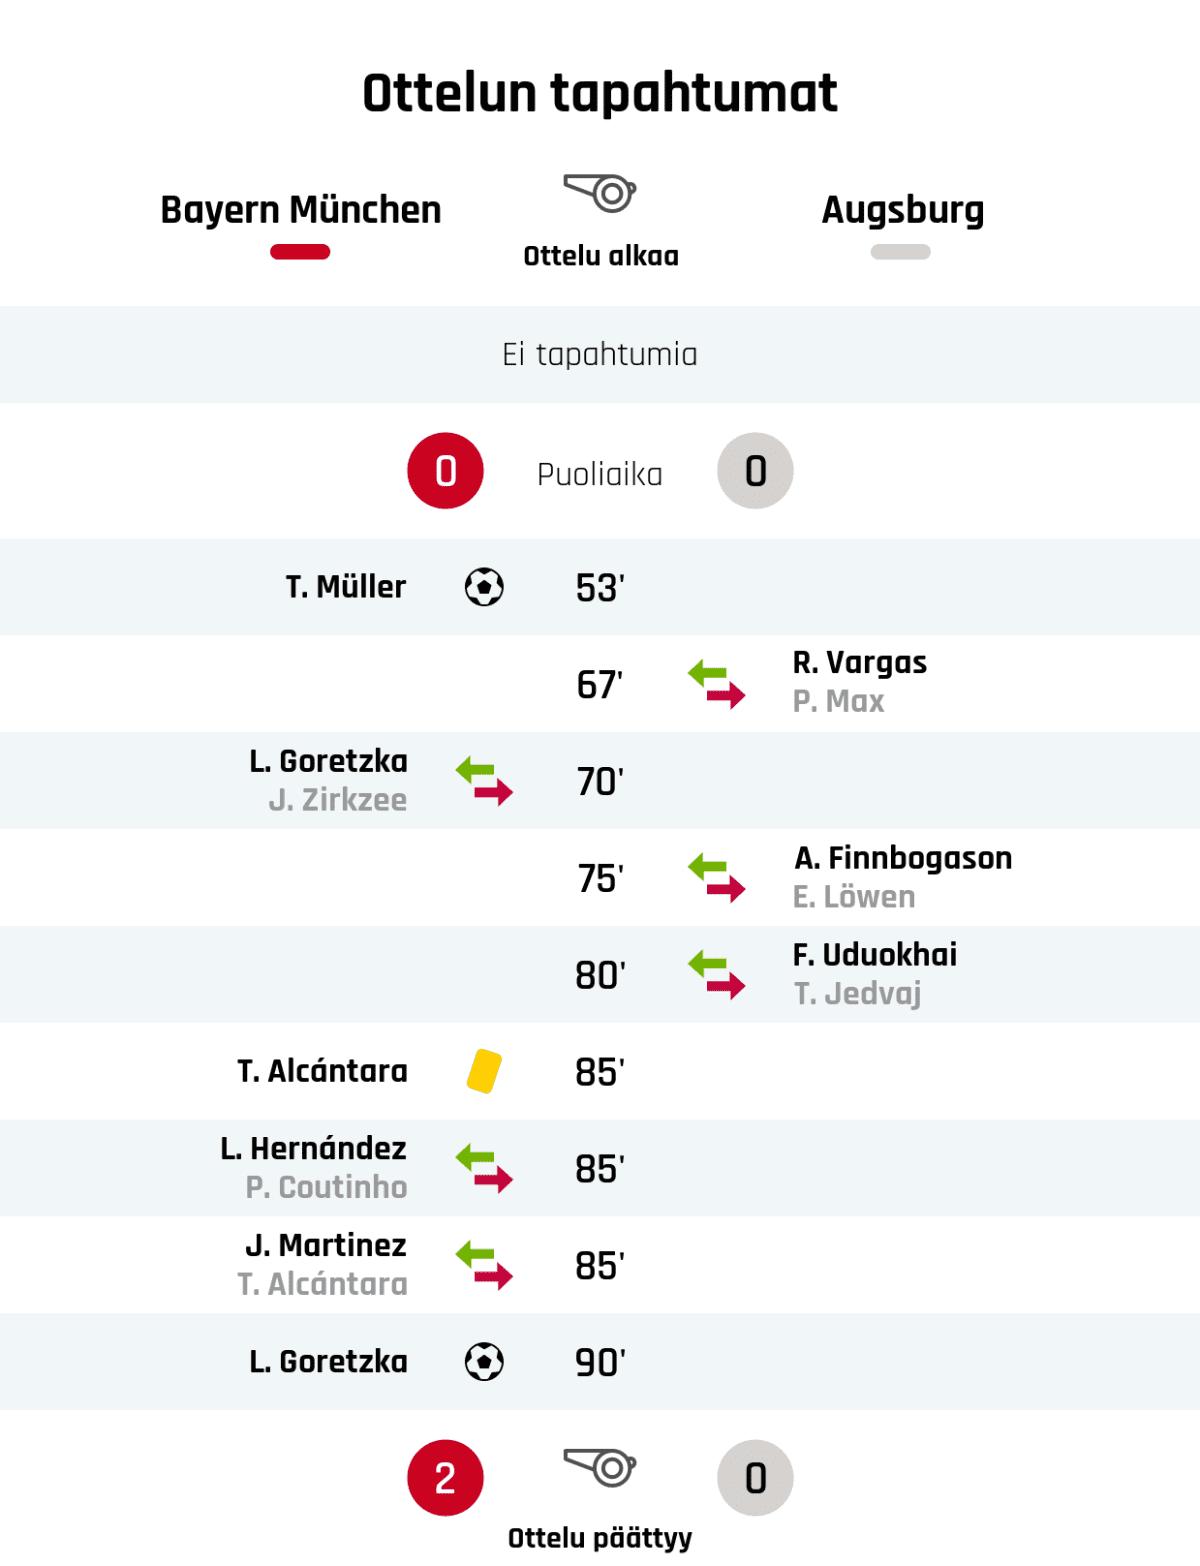 Puoliajan tulos: Bayern München 0, Ausburg 0 53' Maali Bayern Münchenille: T. Müller 67' Augsburgin vaihto: sisään R. Vargas, ulos P. Max 70' Bayern Münchenin vaihto: sisään L. Goretzka, ulos J. Zirkzee 75' Augsburgin vaihto: sisään A. Finnbogason, ulos E. Löwen 80' Augsburgin vaihto: sisään F. Uduokhai, ulos T. Jedvaj 85' Keltainen kortti: T. Alcántara, Bayern München 85' Bayern Münchenin vaihto: sisään L. Hernández, ulos P. Coutinho 85' Bayern Münchenin vaihto: sisään J. Martinez, ulos T. Alcántara 90' Maali Bayern Münchenille: L. Goretzka Lopputulos: Bayern München 2, Ausburg 0